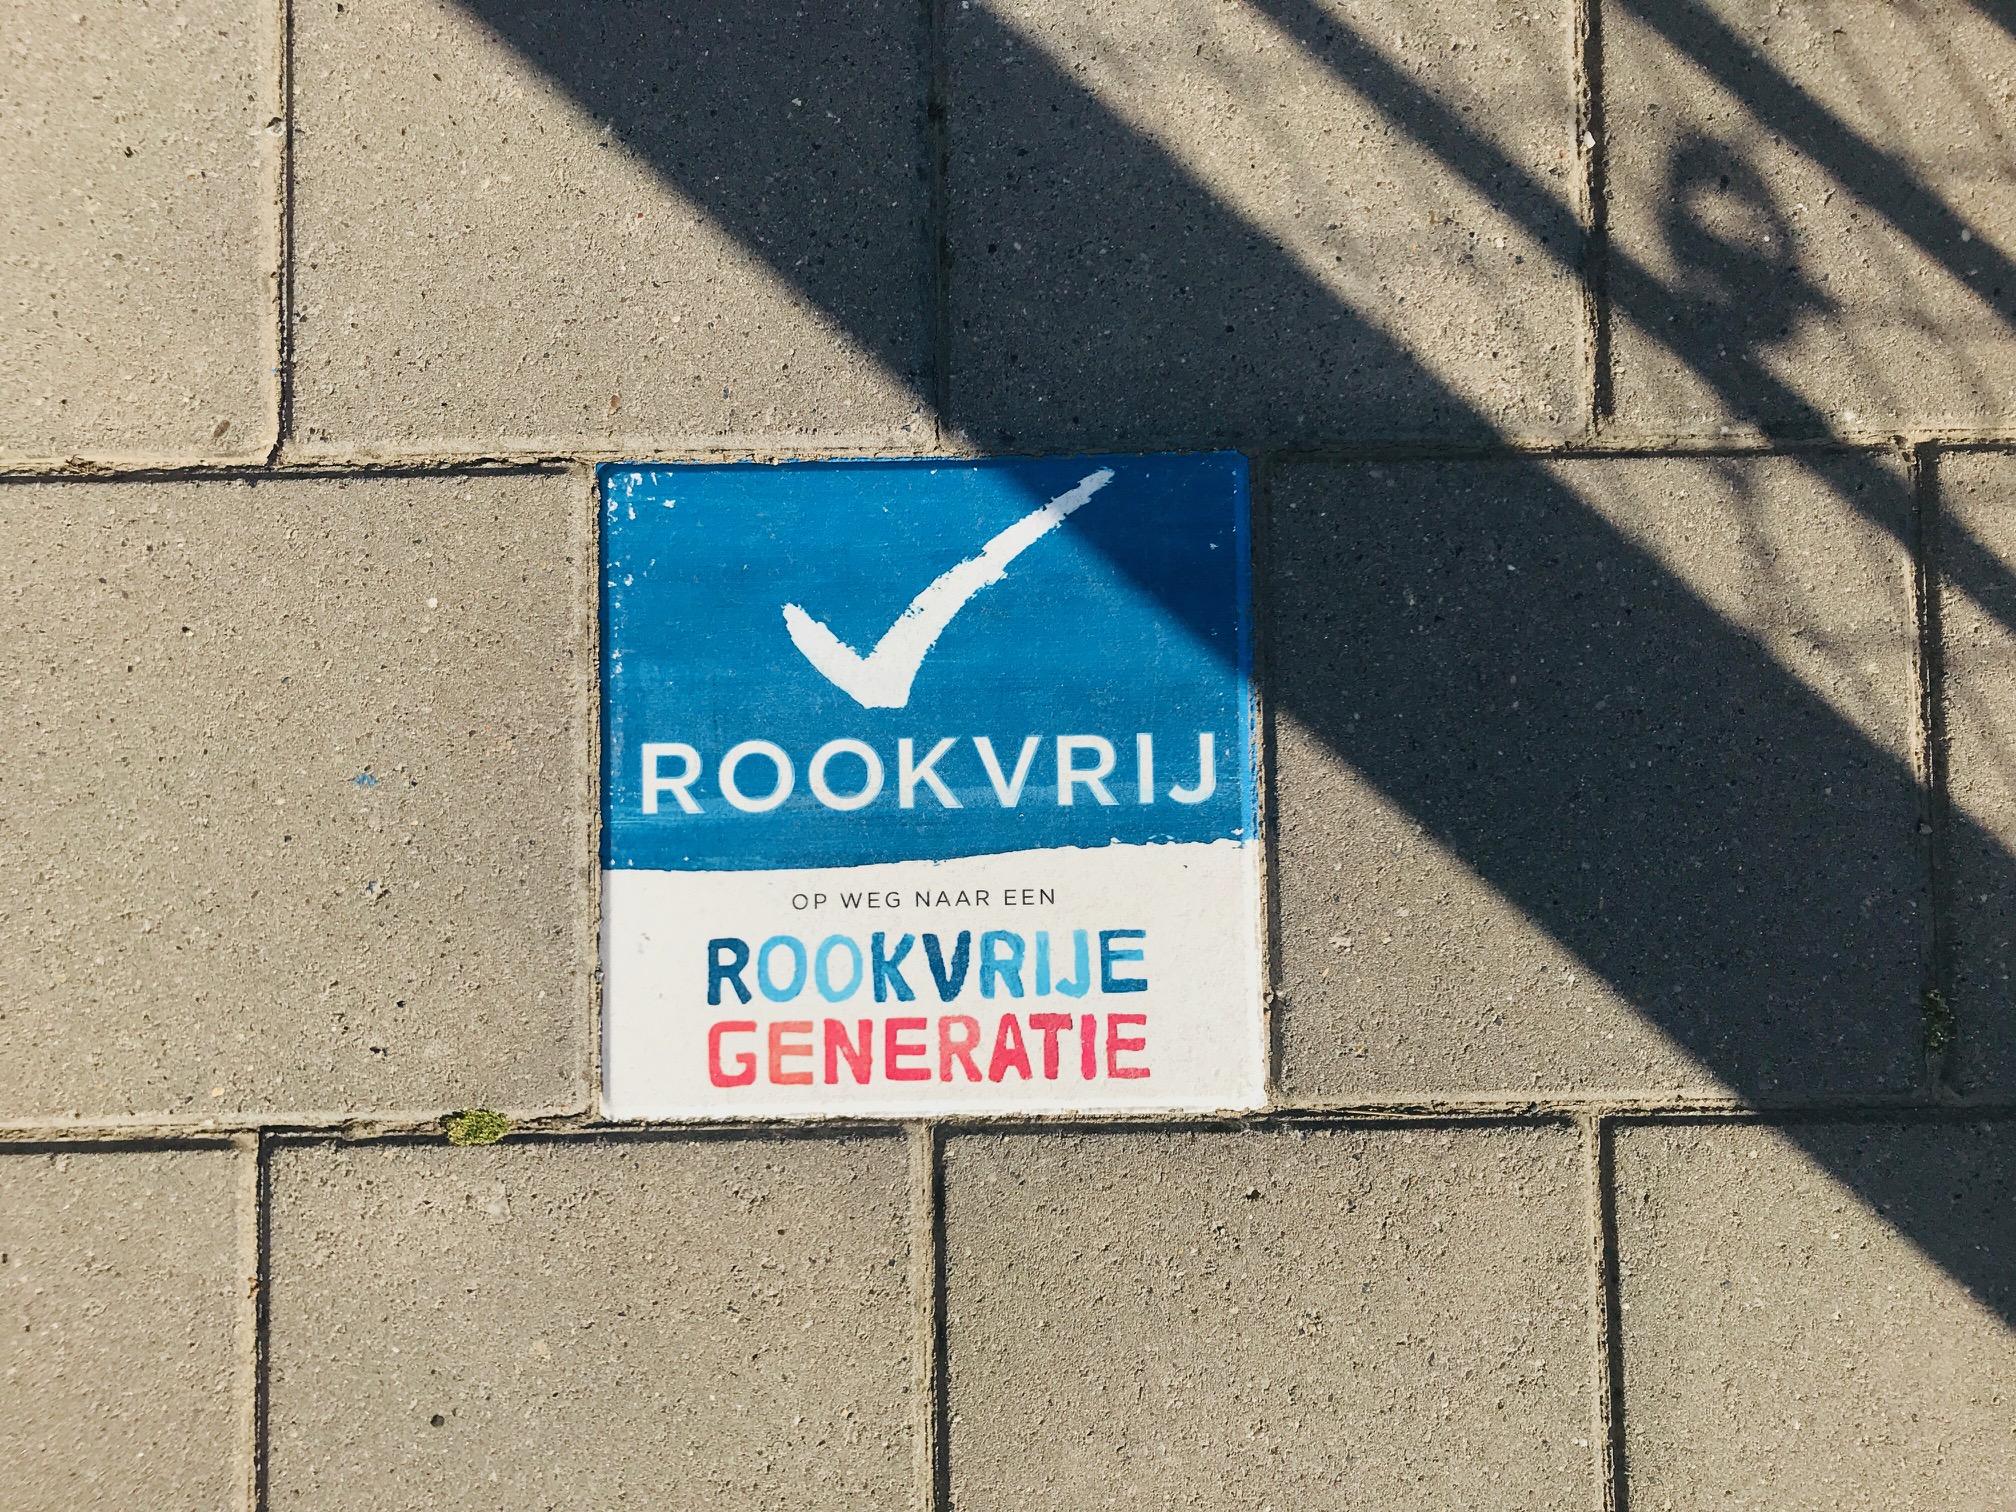 Rookvrije Zone - schoolplein basisschool de Tamarisk - Kids First COP groep Groningen